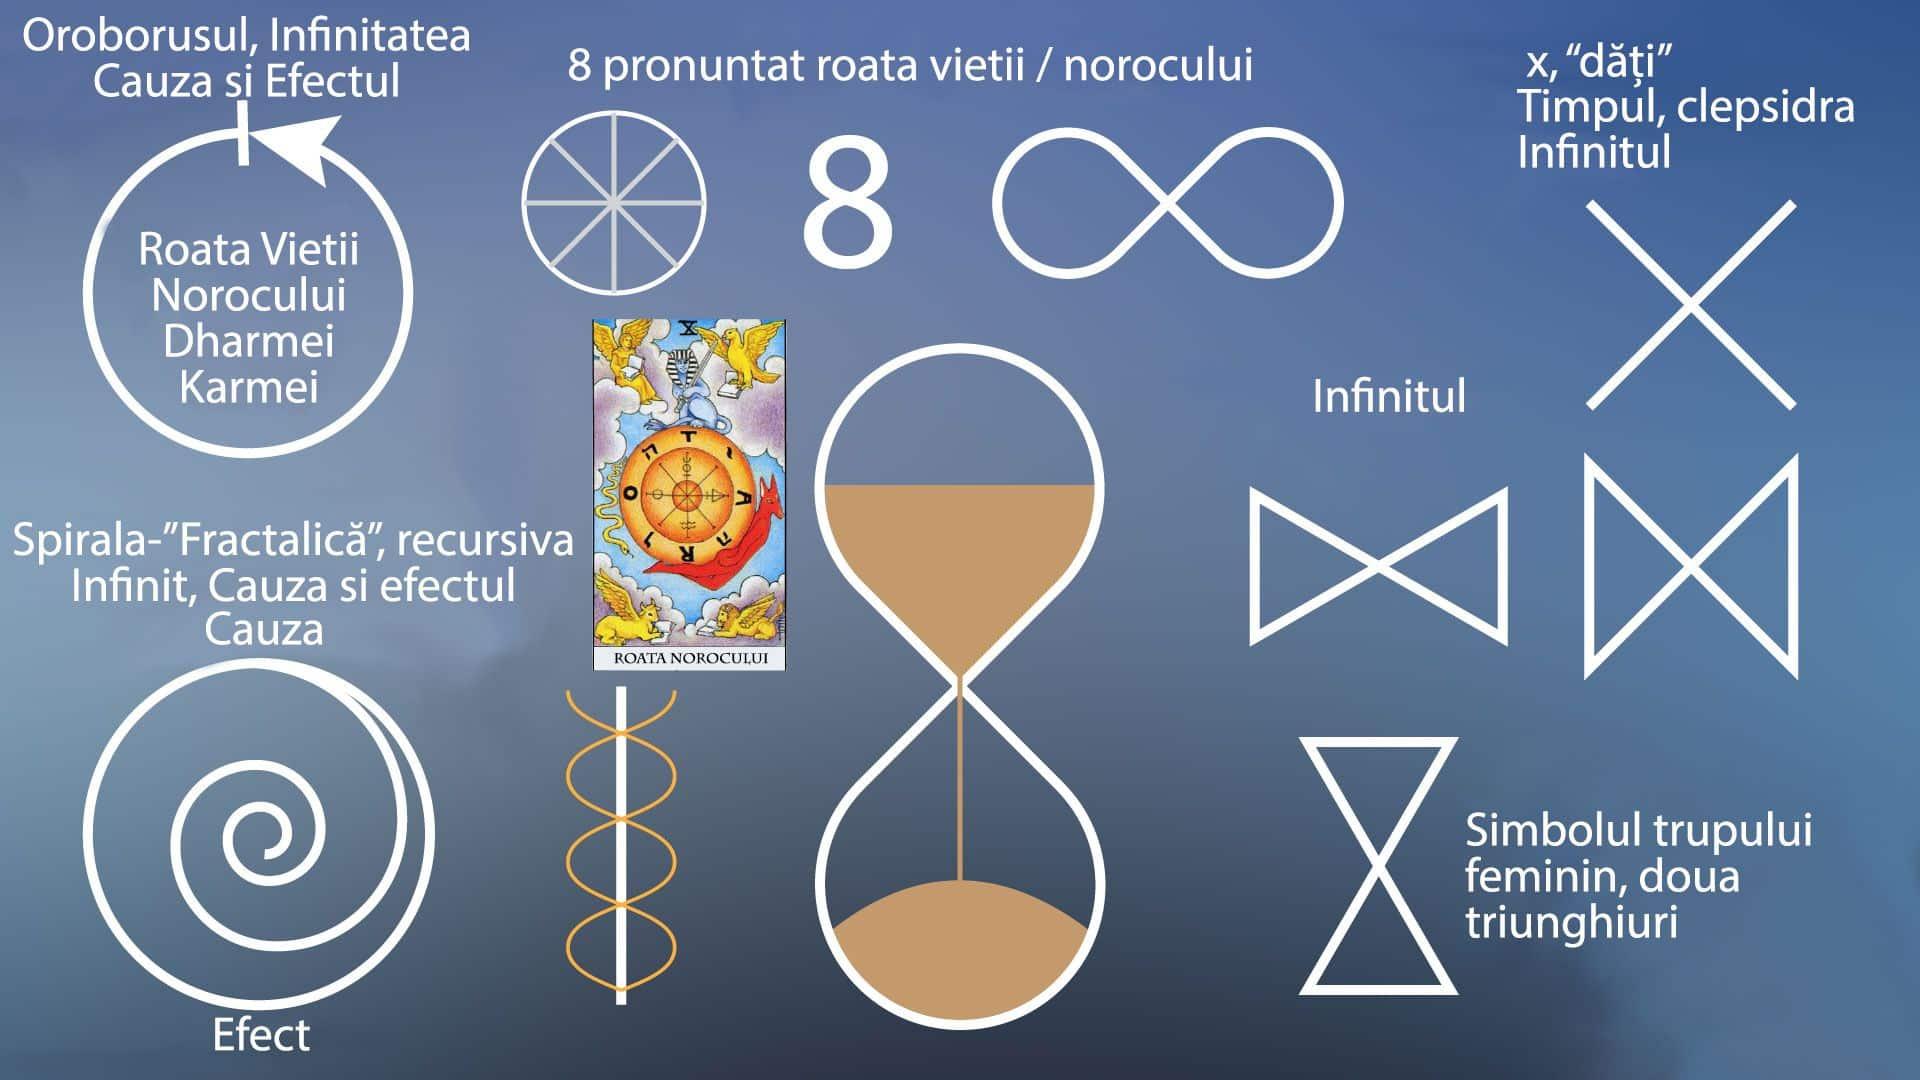 Simbolul de inserție (^)